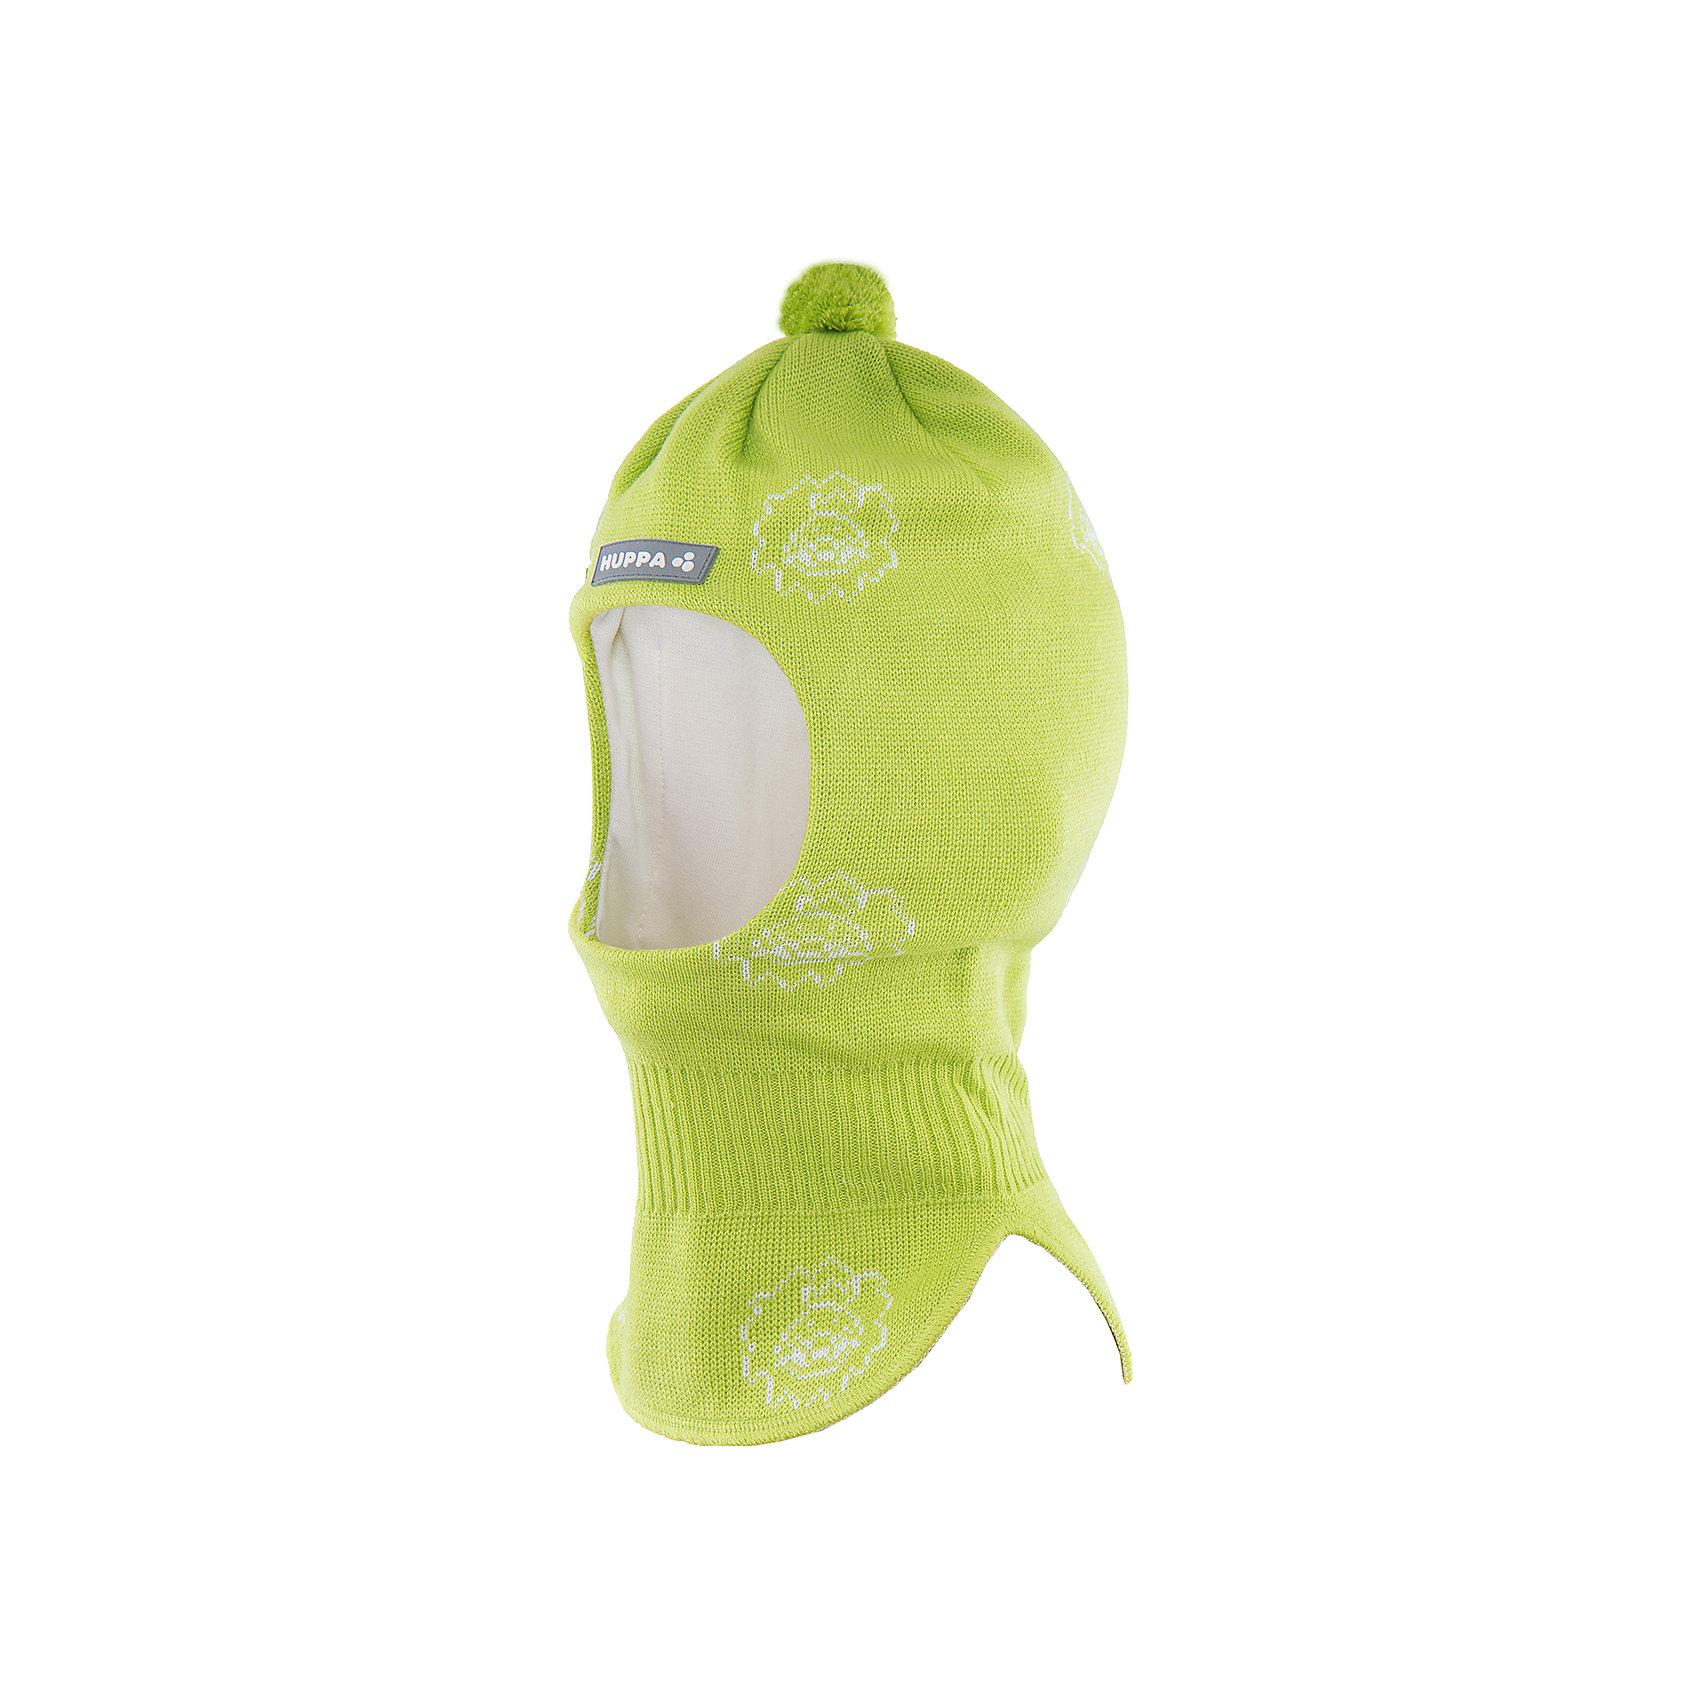 Huppa Шапка-шлем   Huppa виброплатформы для похудения в алматы в интернет магазине